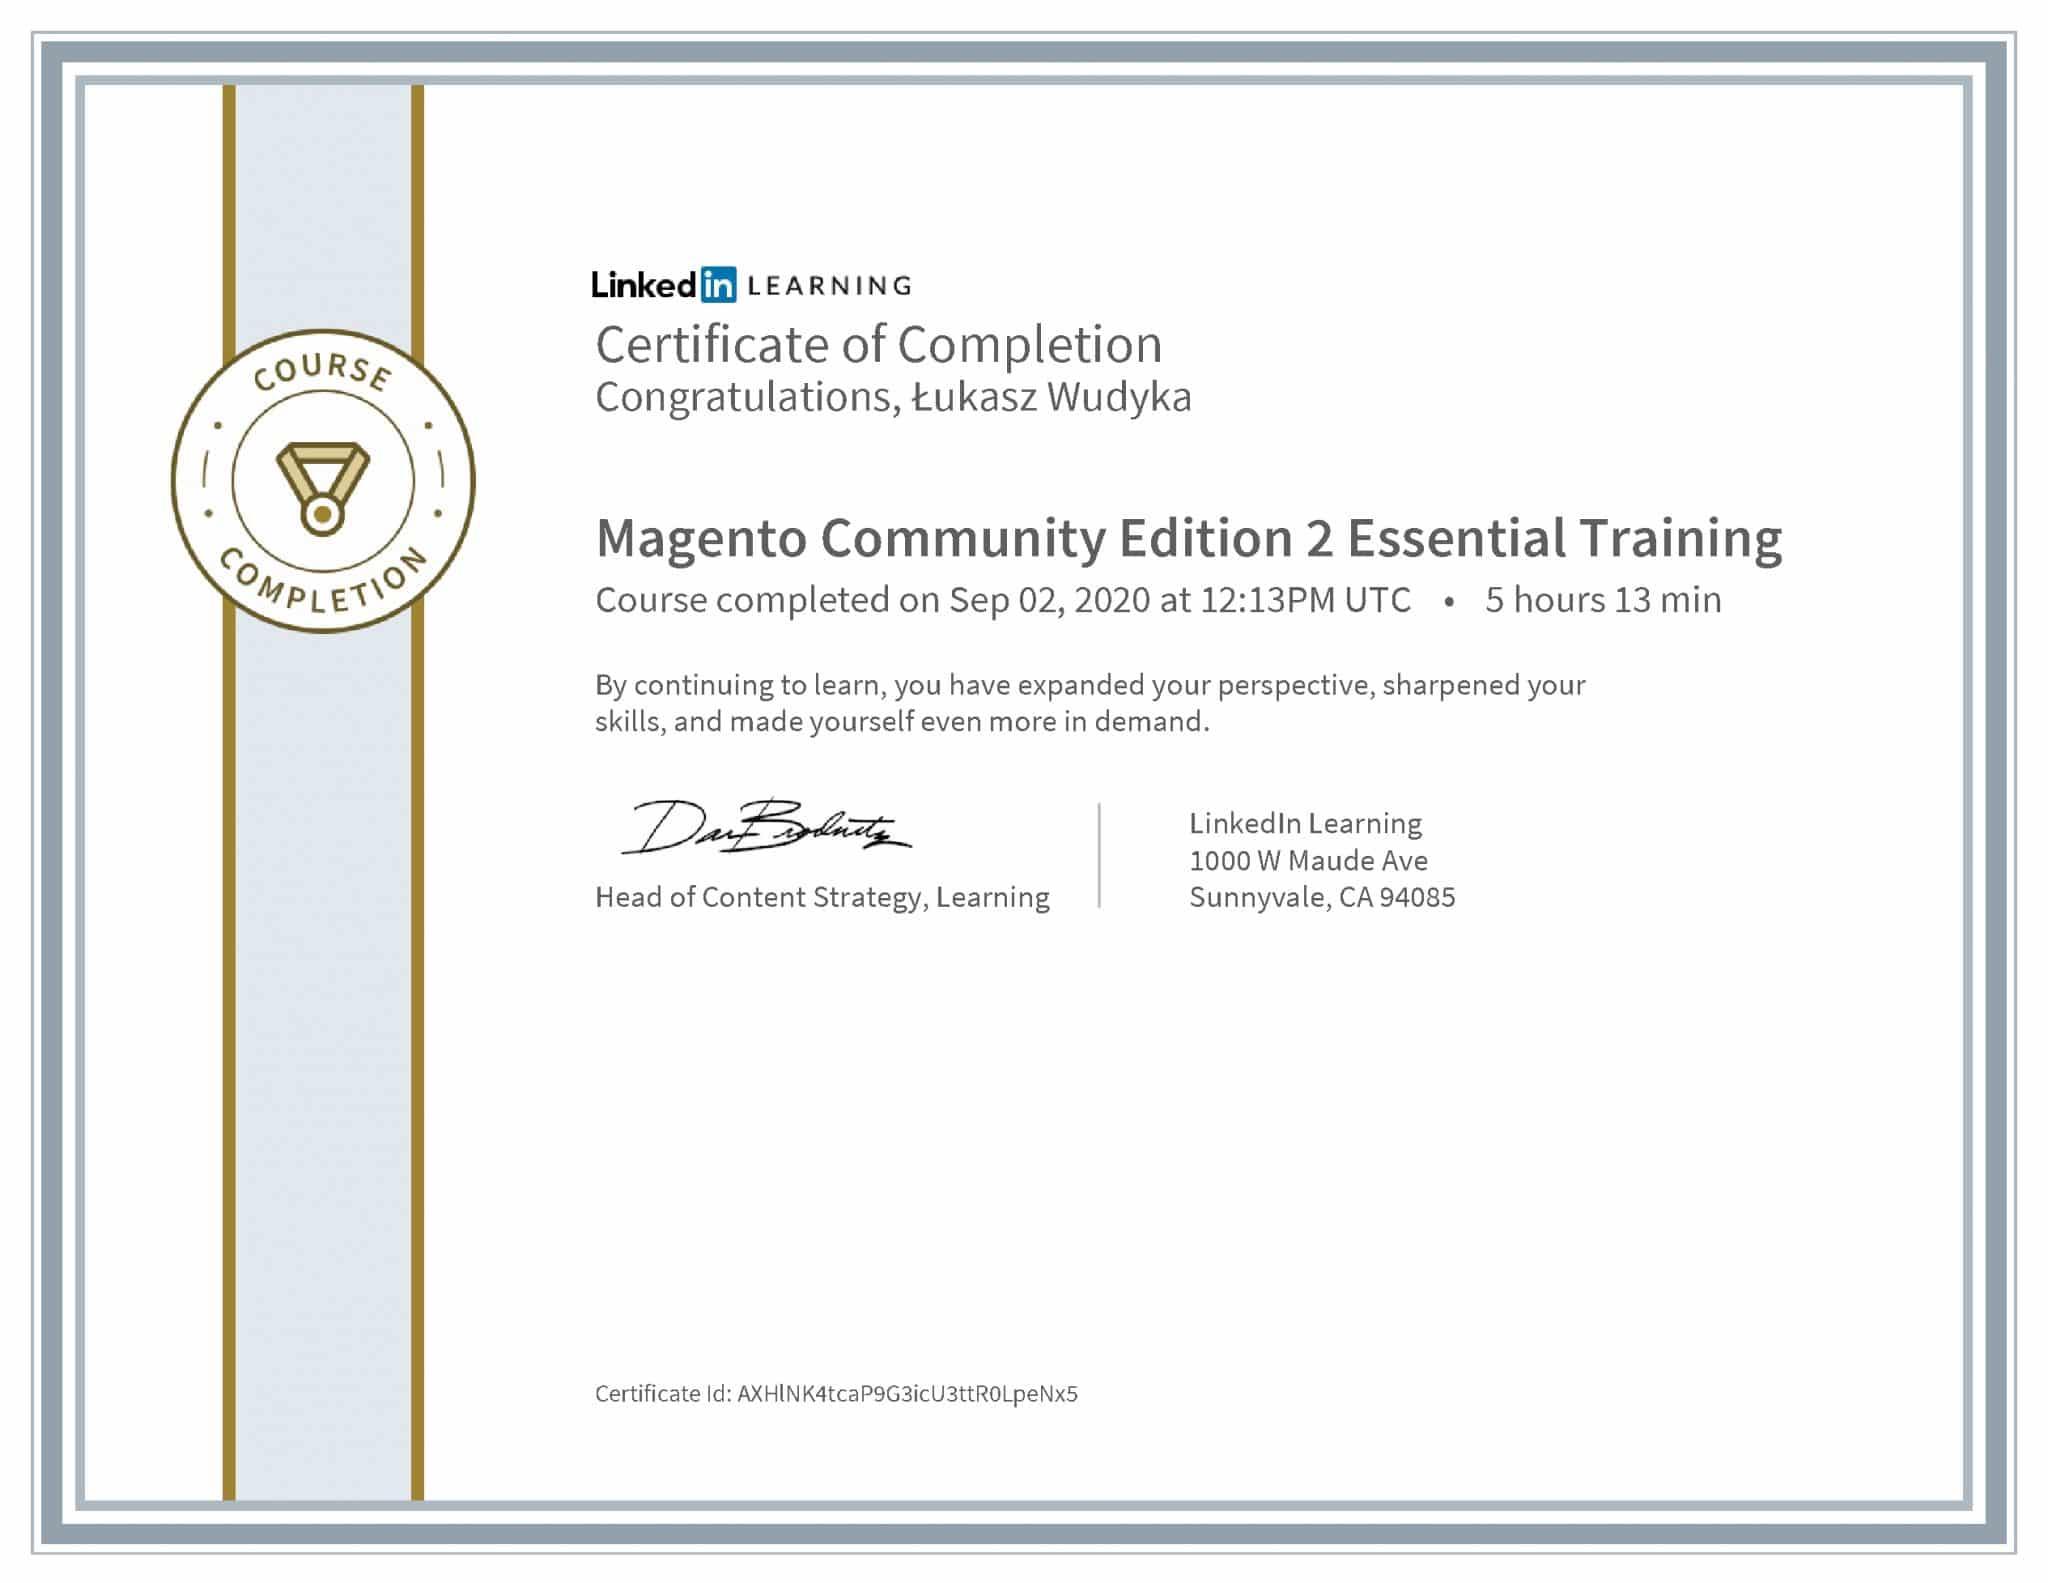 Łukasz Wudyka certyfikat LinkedIn Magento Community Edition 2 Essential Training